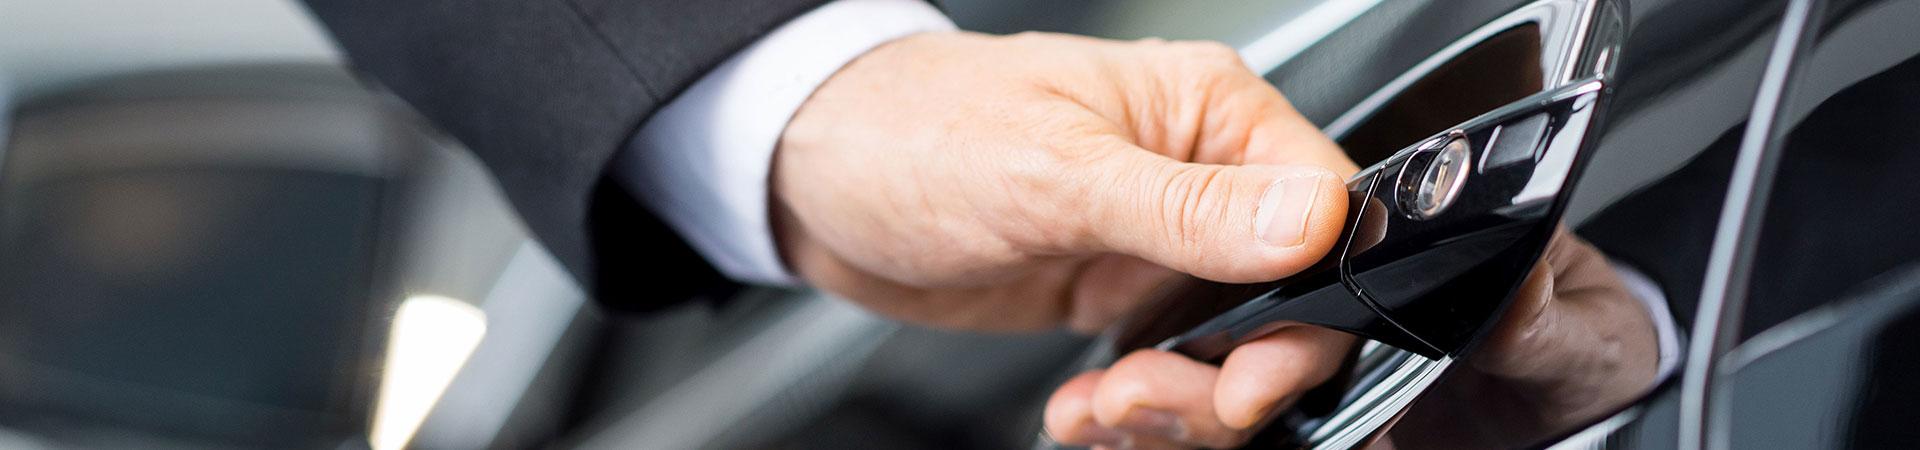 Решения за мобилни търговски екипи